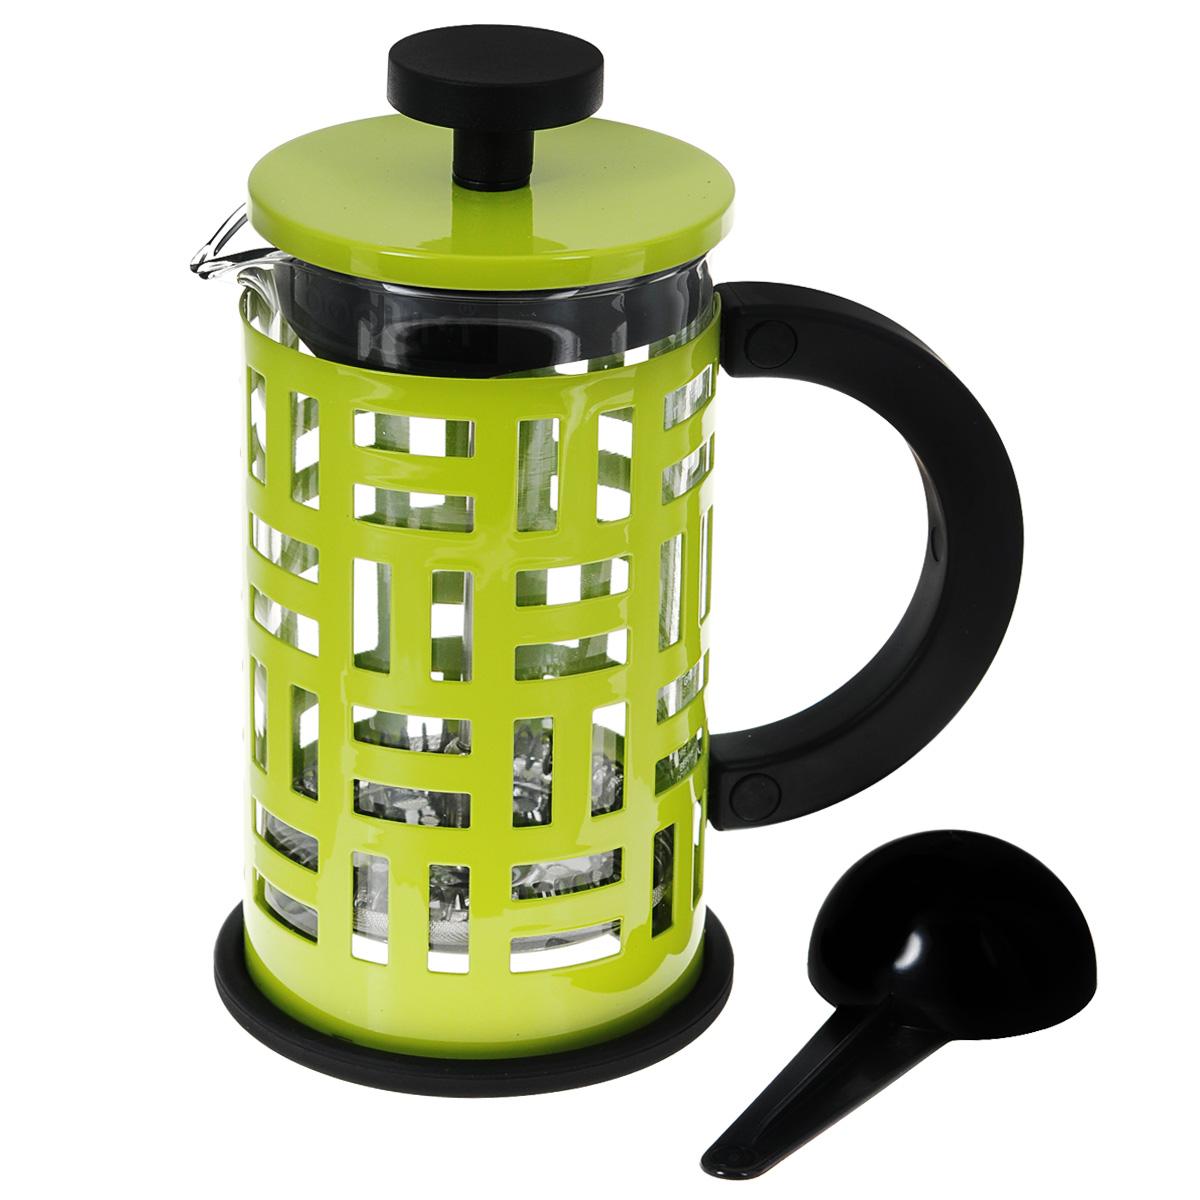 """Кофейник Bodum """"Eileen"""" представляет собой колбу из термостойкого стекла в   цельной оправе из окрашенной нержавеющей стали. Оправа защищает хрупкую колбу   от толчков и ударов. Кофейник оснащен стальным фильтром french press, который   позволяет легко и просто приготовить отличный напиток. Ненагревающаяся ручка   кофейника выполнена из пластика. В комплекте небольшая мерная ложечка из   черного пластика. Благодаря такому кофейнику приготовление вкуснейшего ароматного и крепкого кофе   займет всего пару минут.   Профессиональная серия """"Eileen"""" была задумана   и создана в честь великого архитектора и дизайнера - Эйлин Грей (Eileen Gray). При   создании серии были особо учтены соображения функционального удобства.   Стильный внешний вид и практичность в использовании сделали """"Eileen"""" чрезвычайно   востребованной серией.   Объем: 0,35 л. Диаметр кофейника по верхнему краю: 7 см. Высота стенки кофейника: 13,5 см. Длина ложечки: 10 см."""